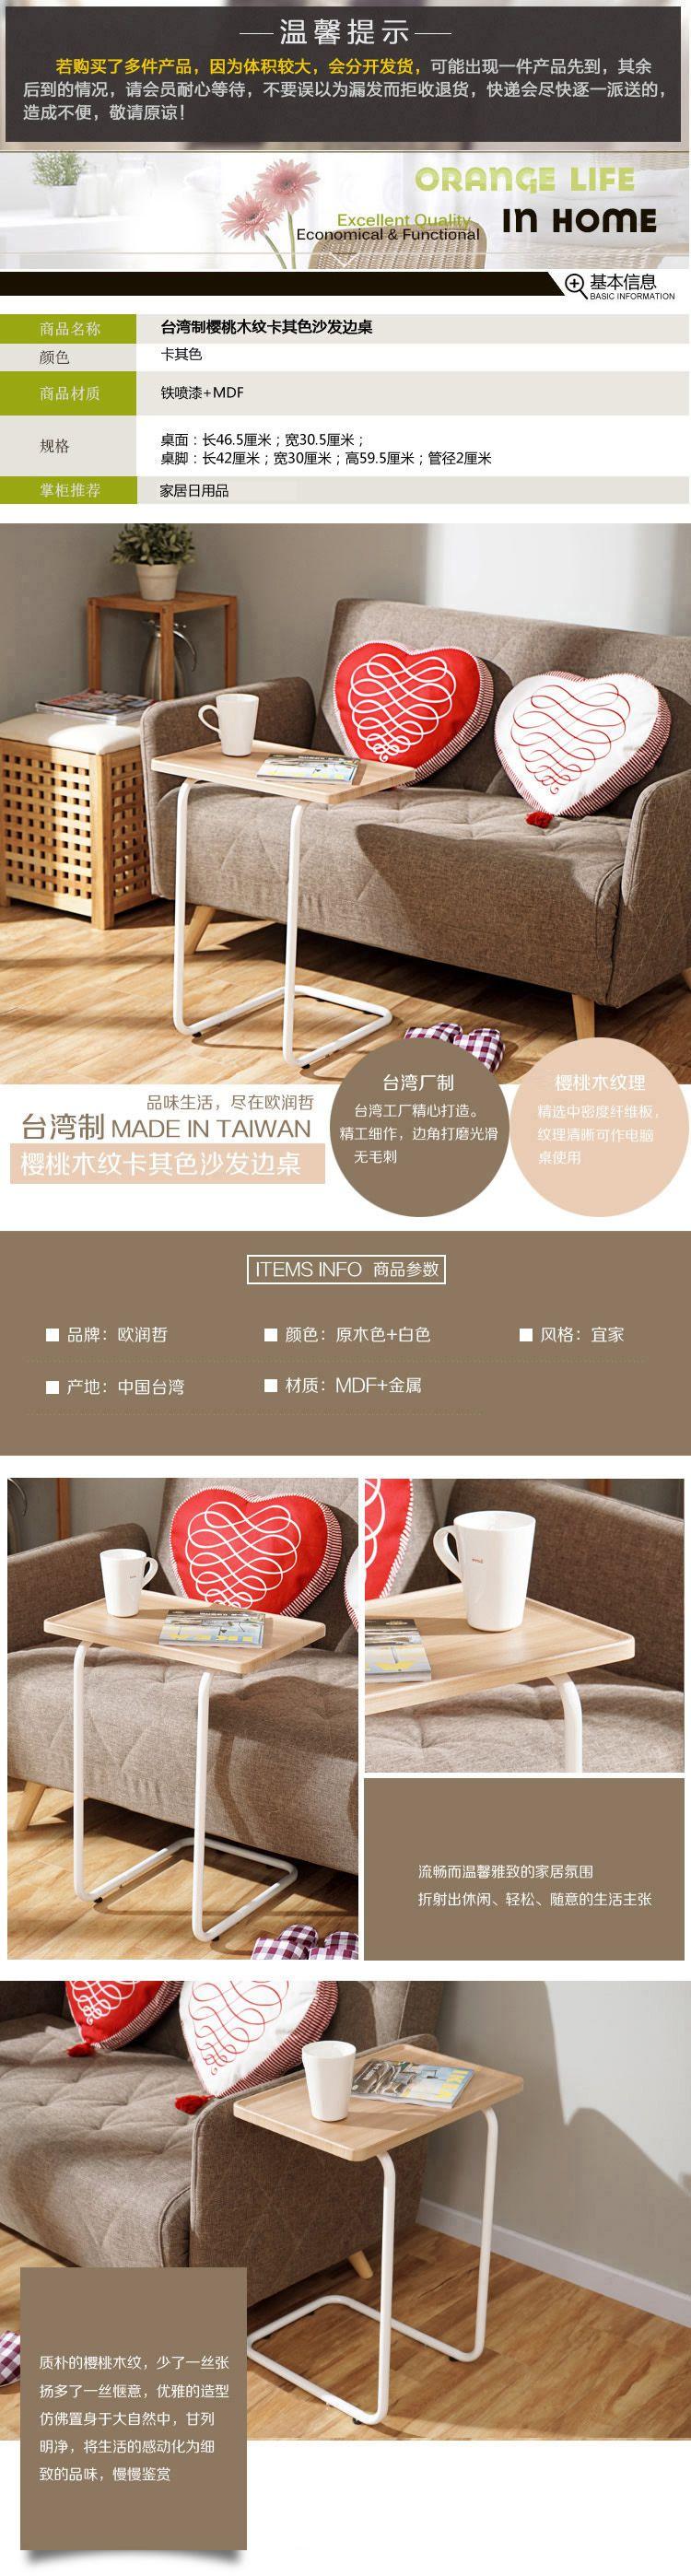 台湾制樱桃木纹卡其色沙发边桌